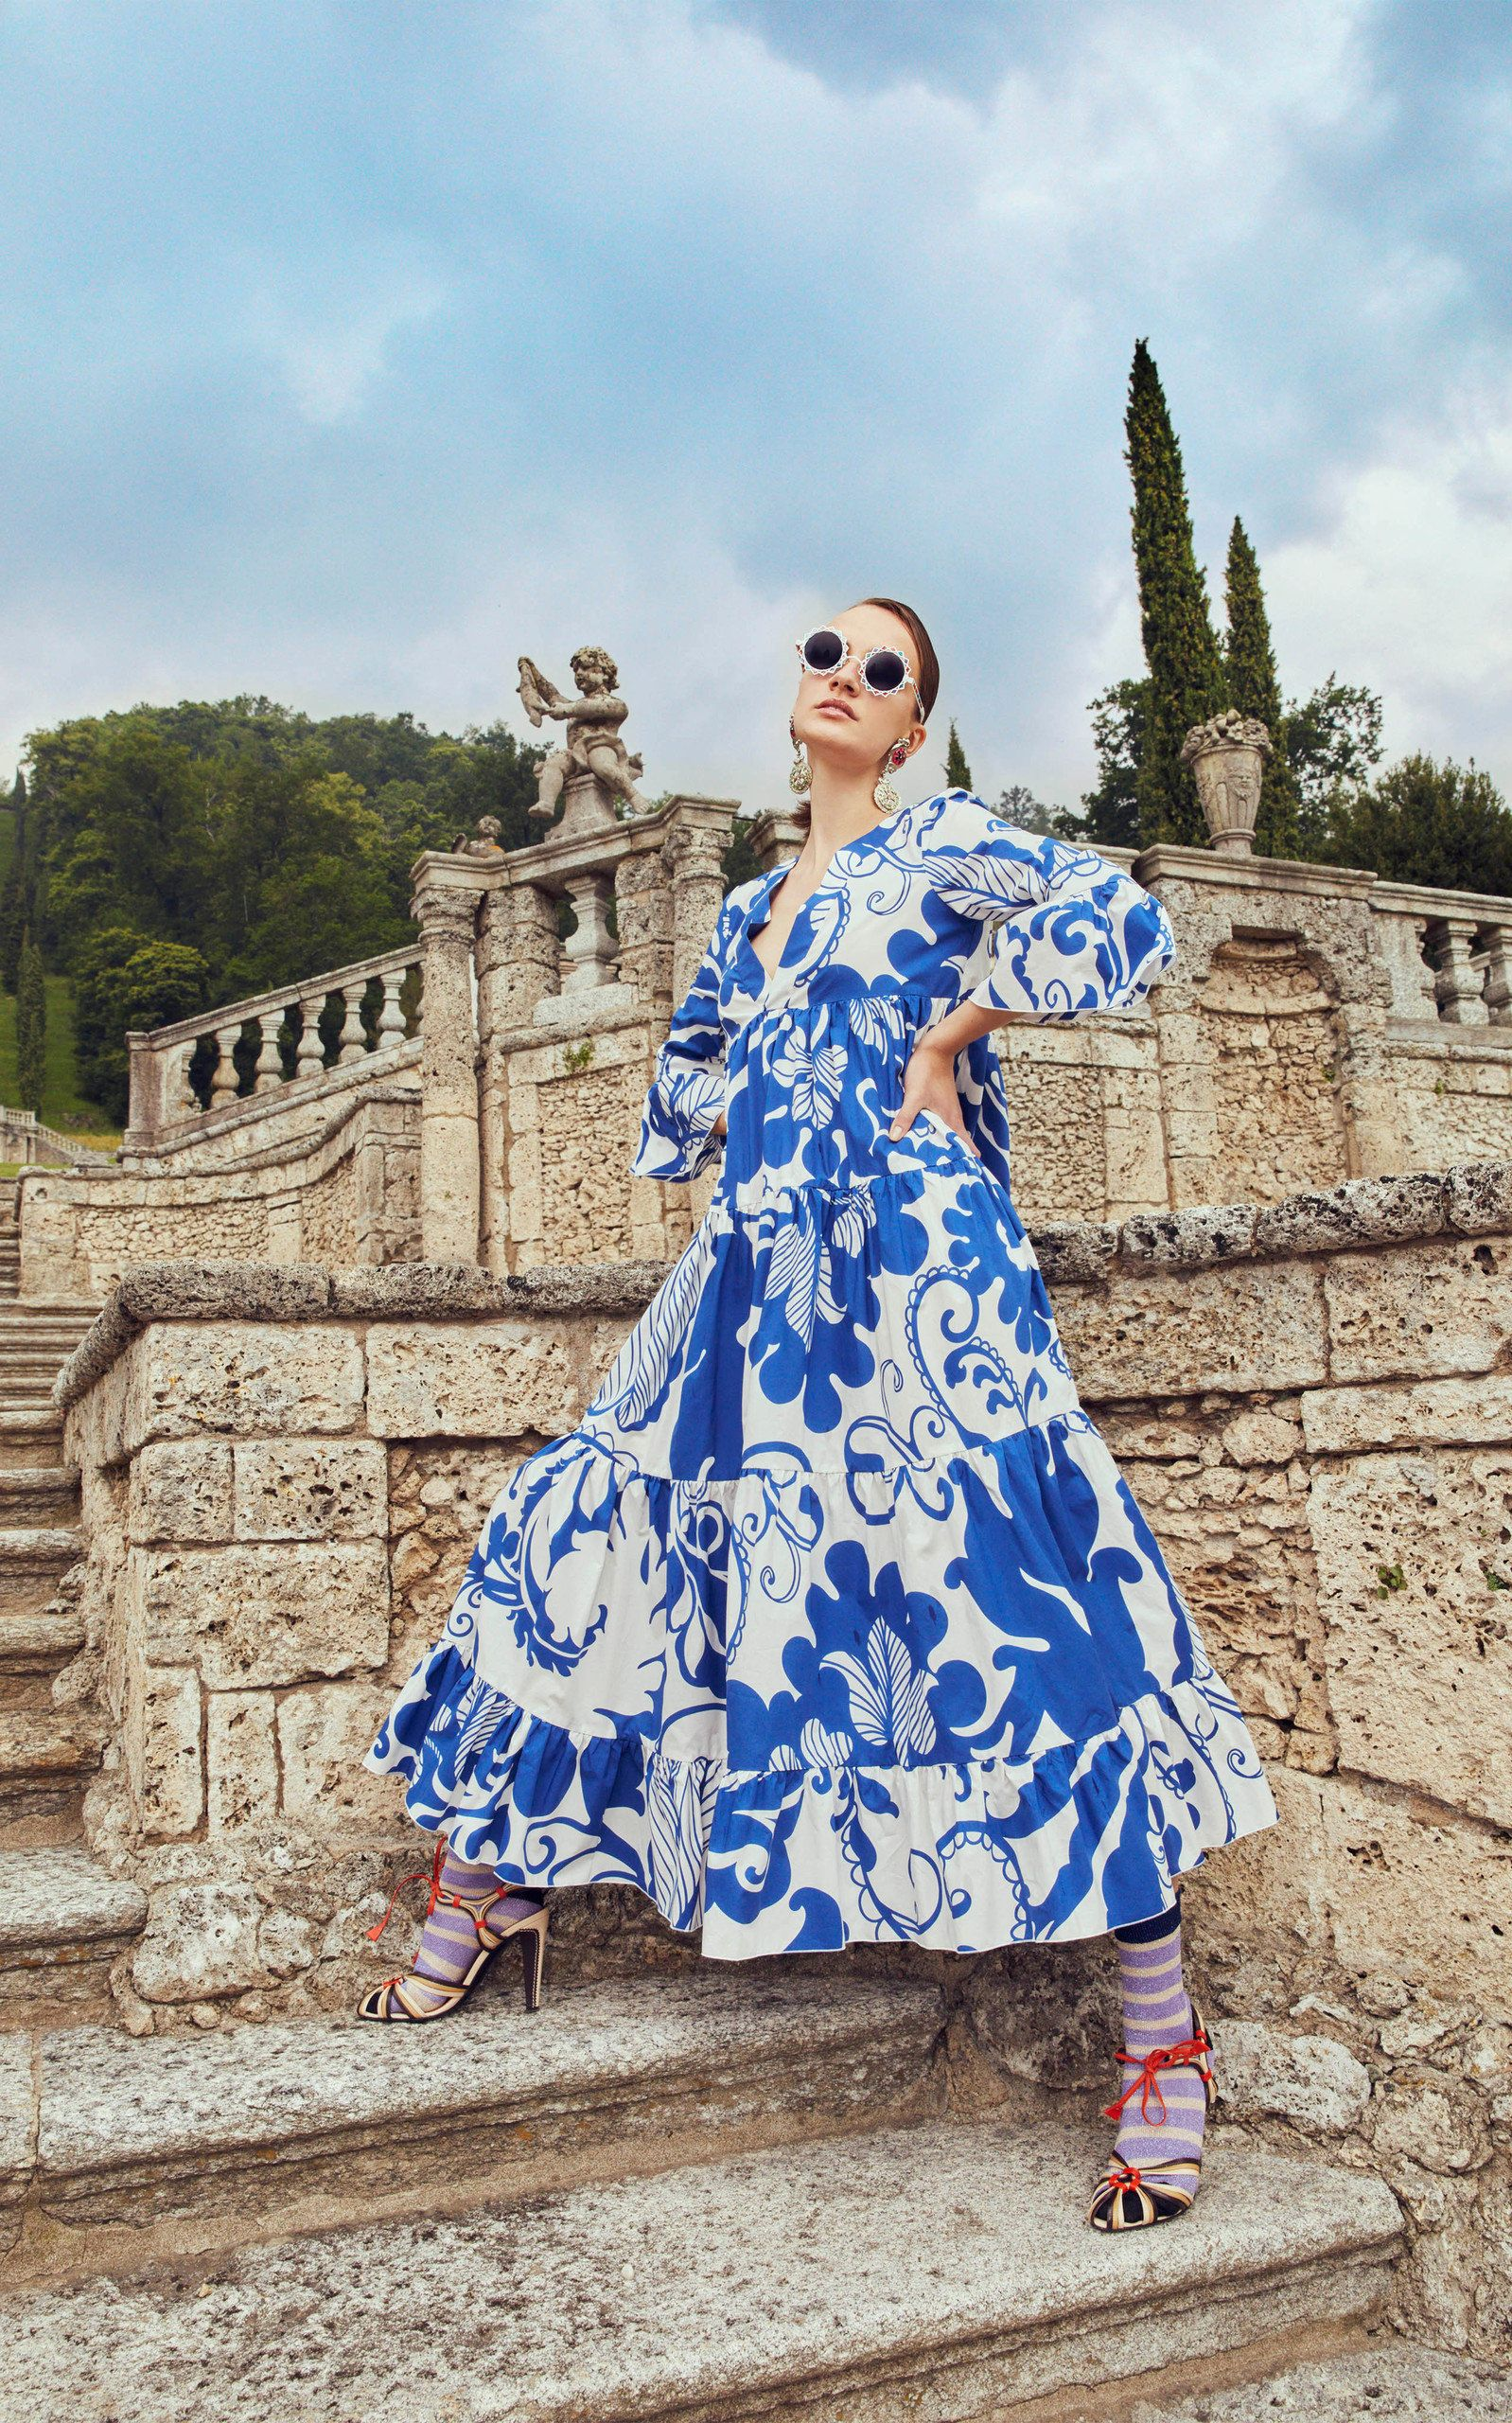 La Doublej Jennifer Jane Floral Print Cotton Maxi Dress Fashion Show Fashion Maxi Dress Cotton